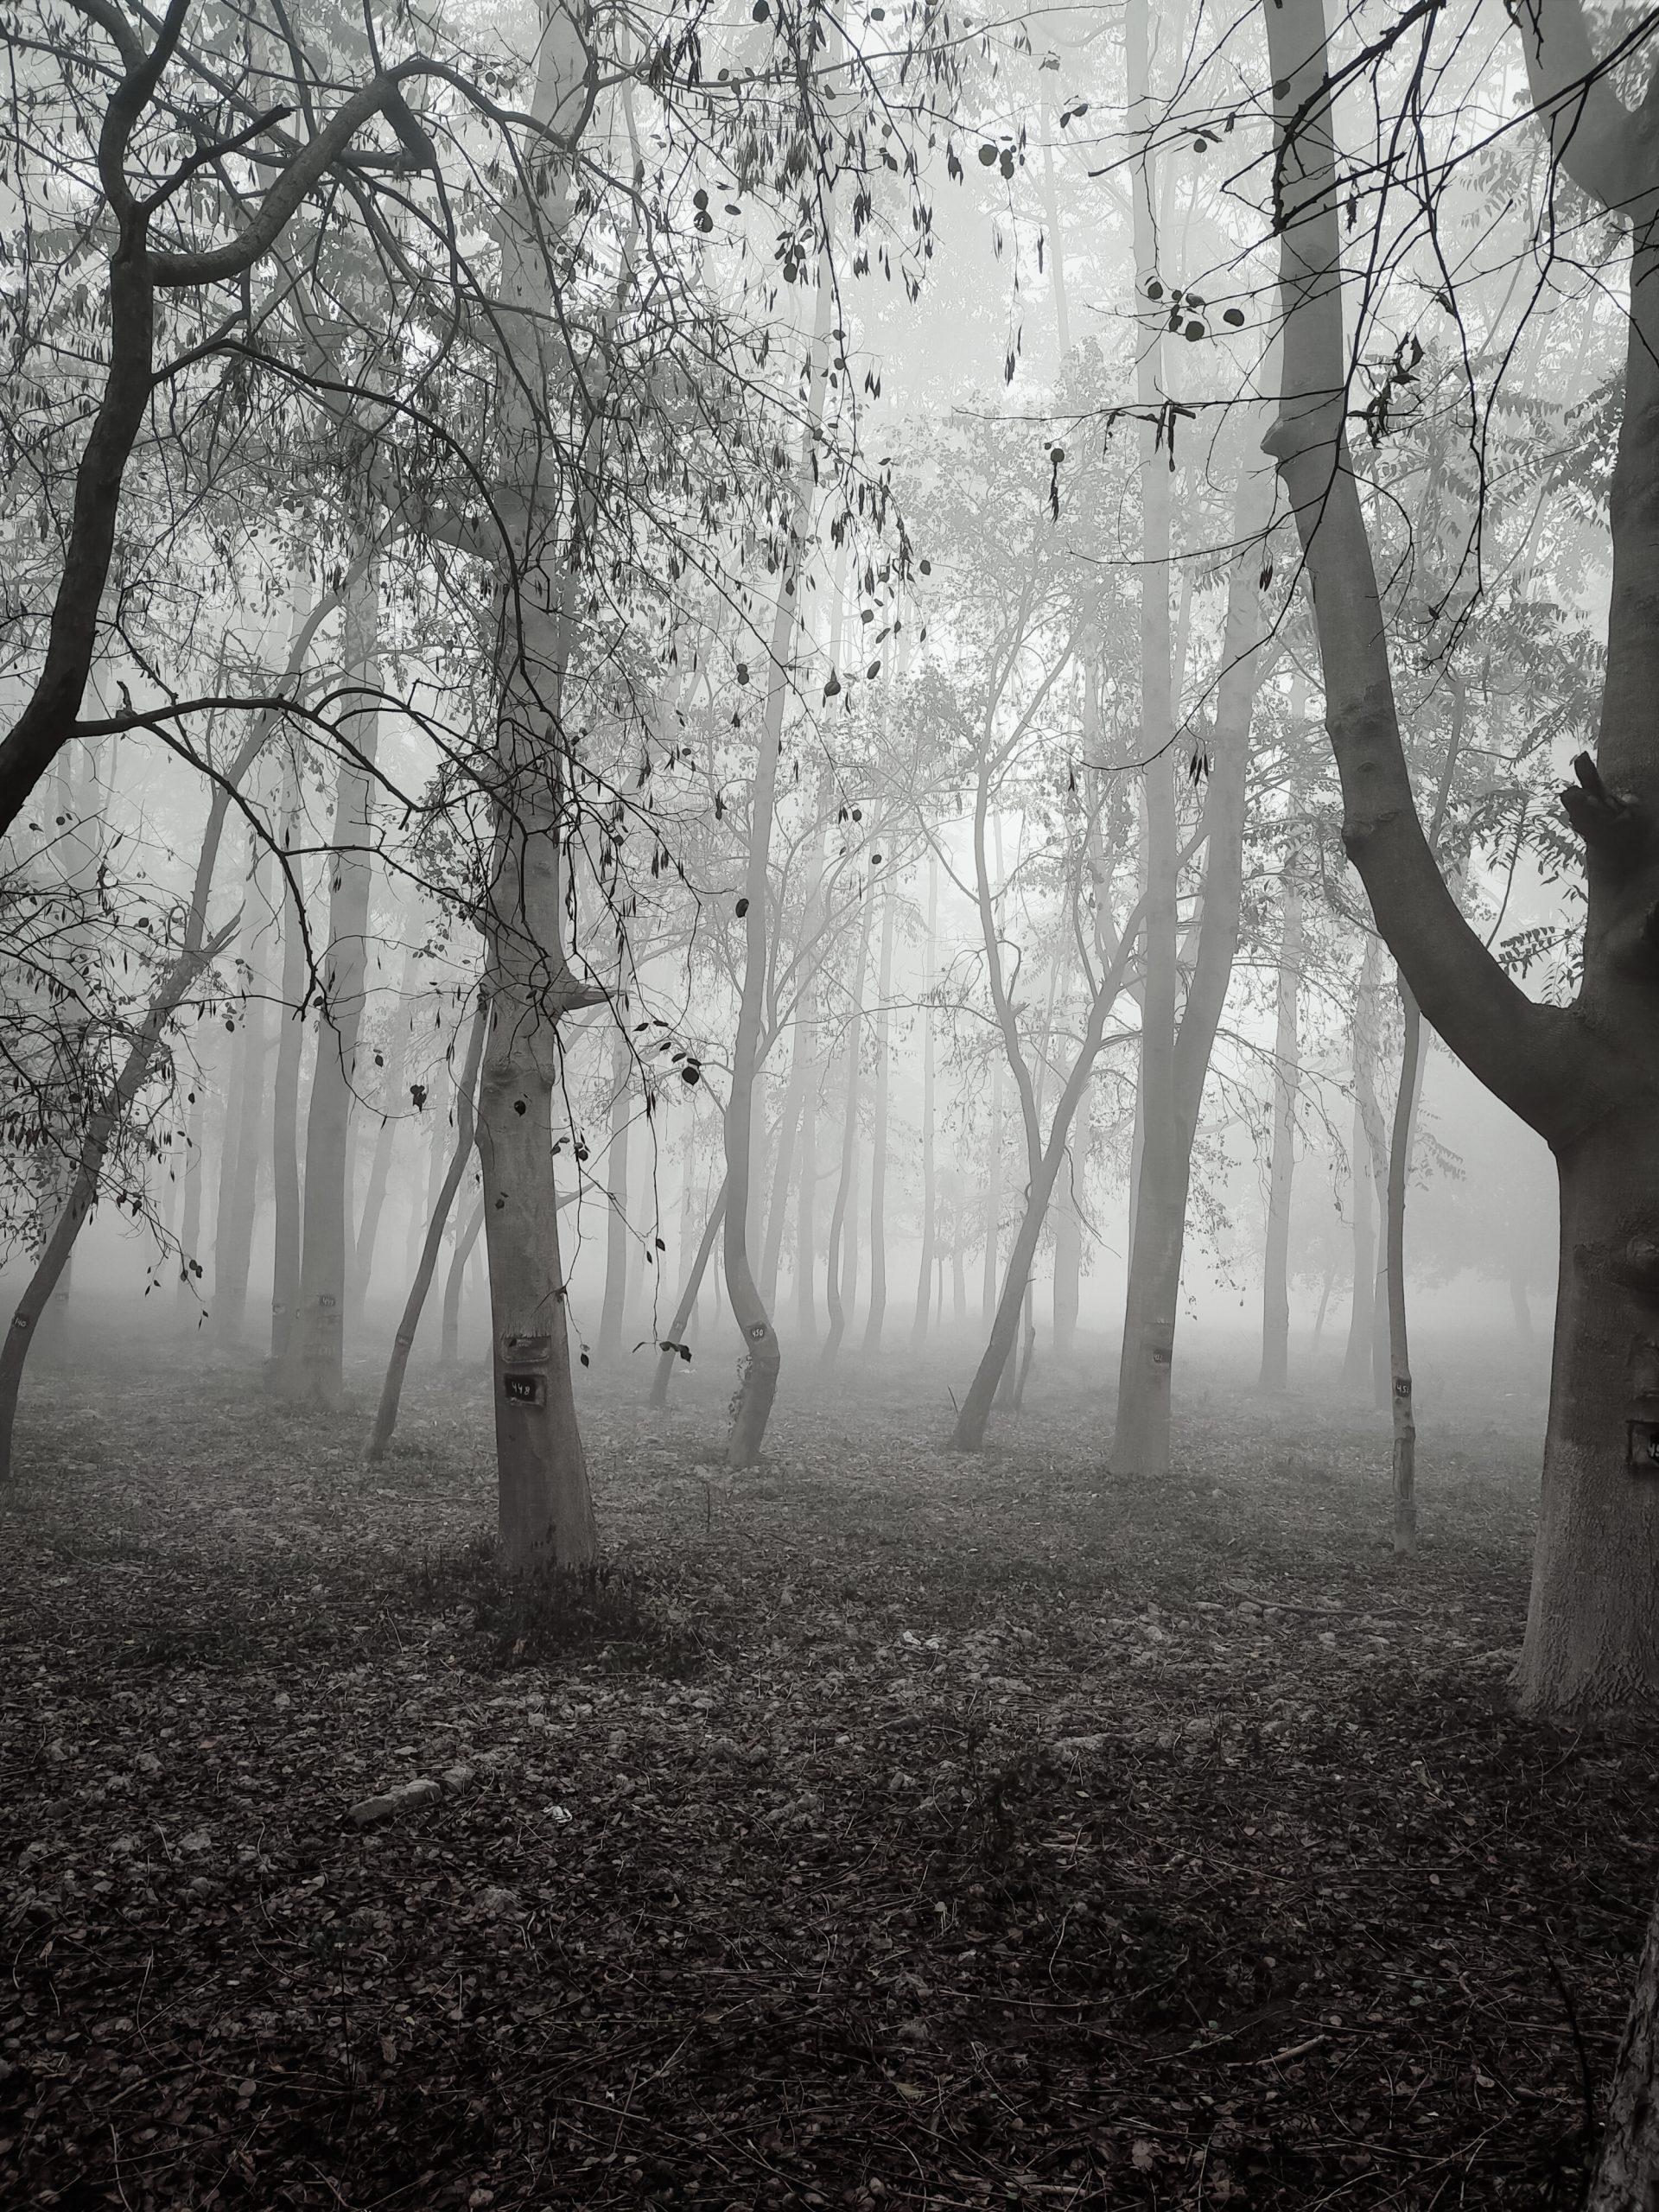 Fog in a jungle